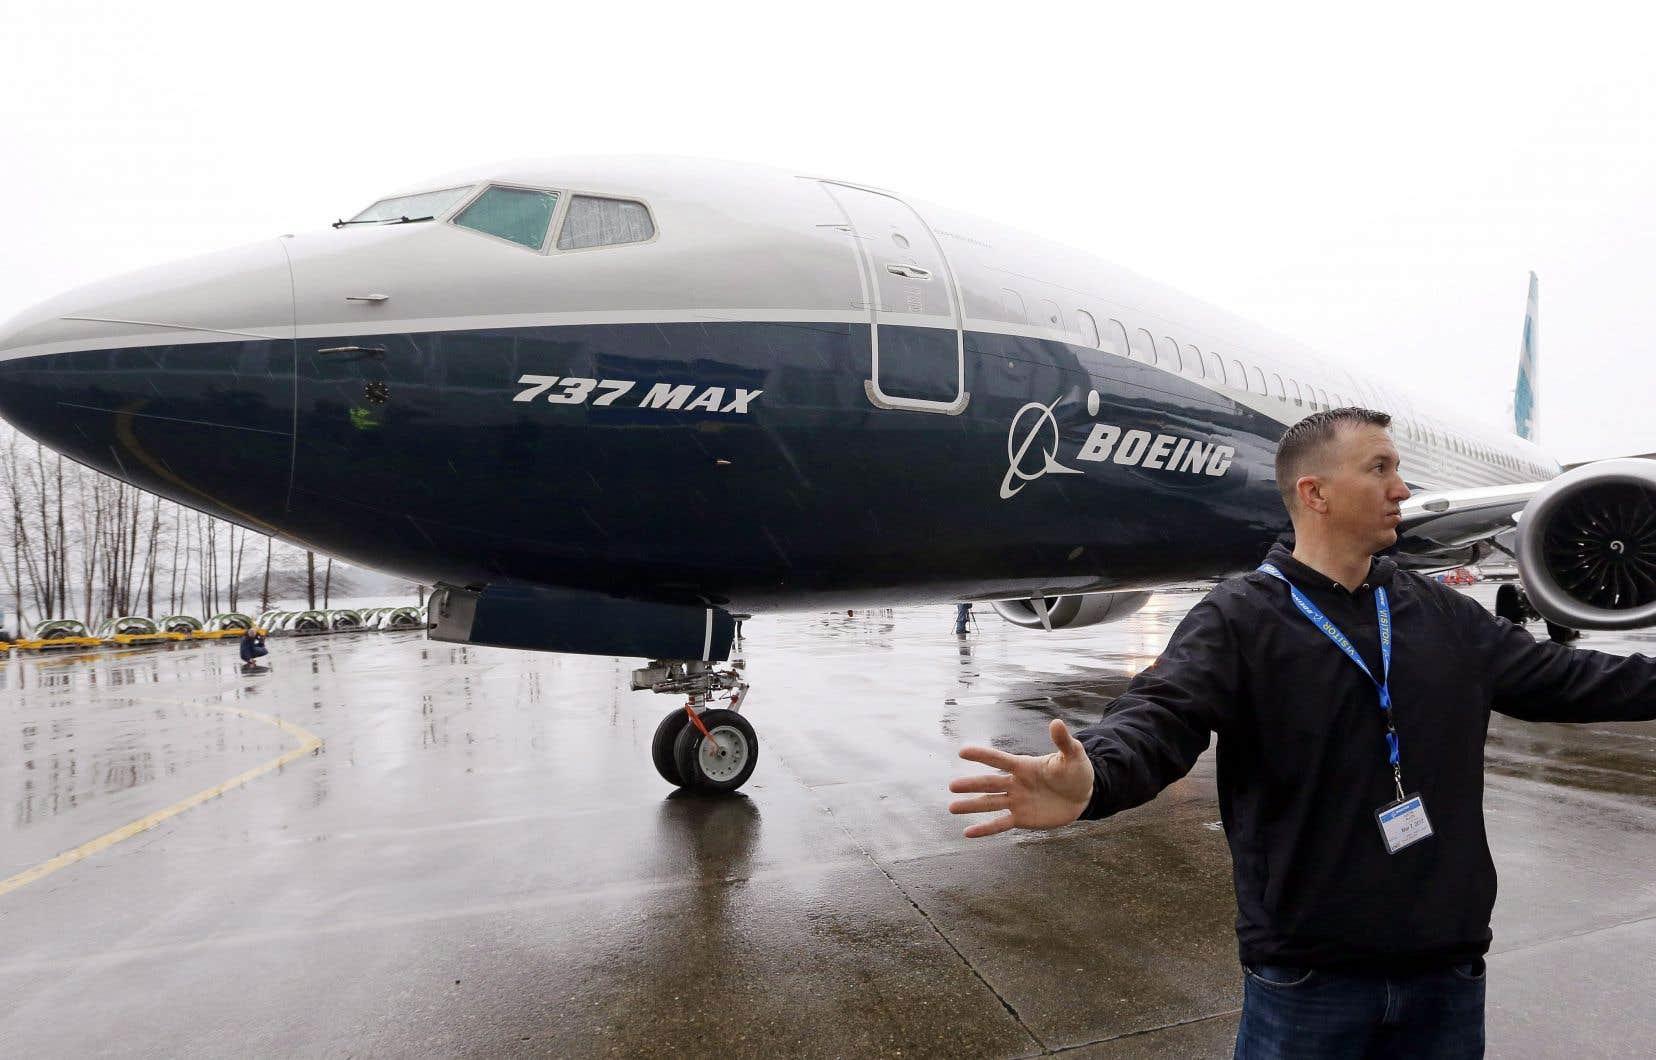 Les modèles d'avions CS300 sont dans les mêmes platebandes que les 737 MAX, a déjà indiqué Bombardier dans ses documents prévisionnels.